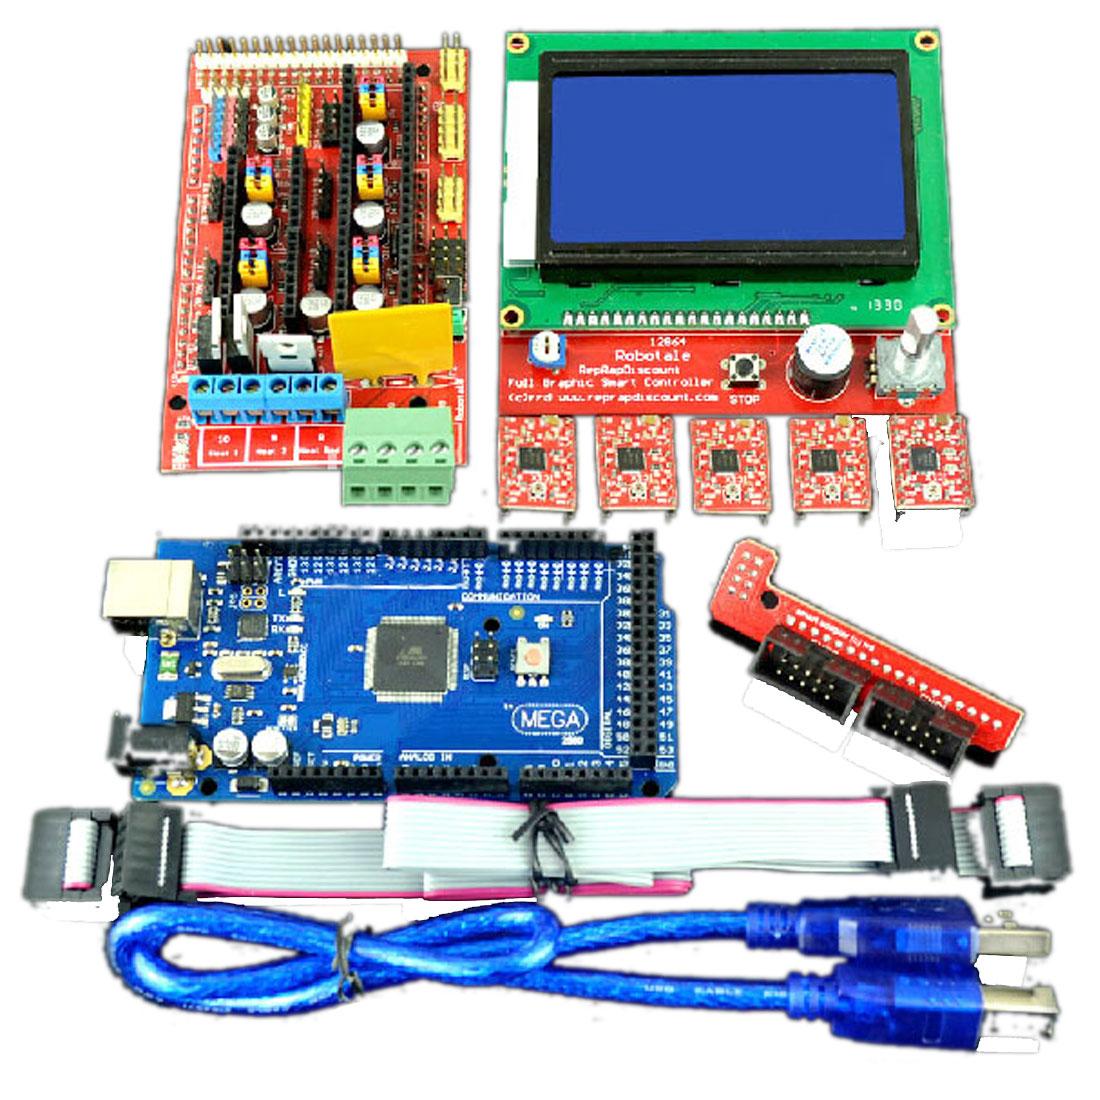 Mega2560R3 w Smart LCD2004 Controller w A4988 RAMPS 1.4 3D Printer Kit